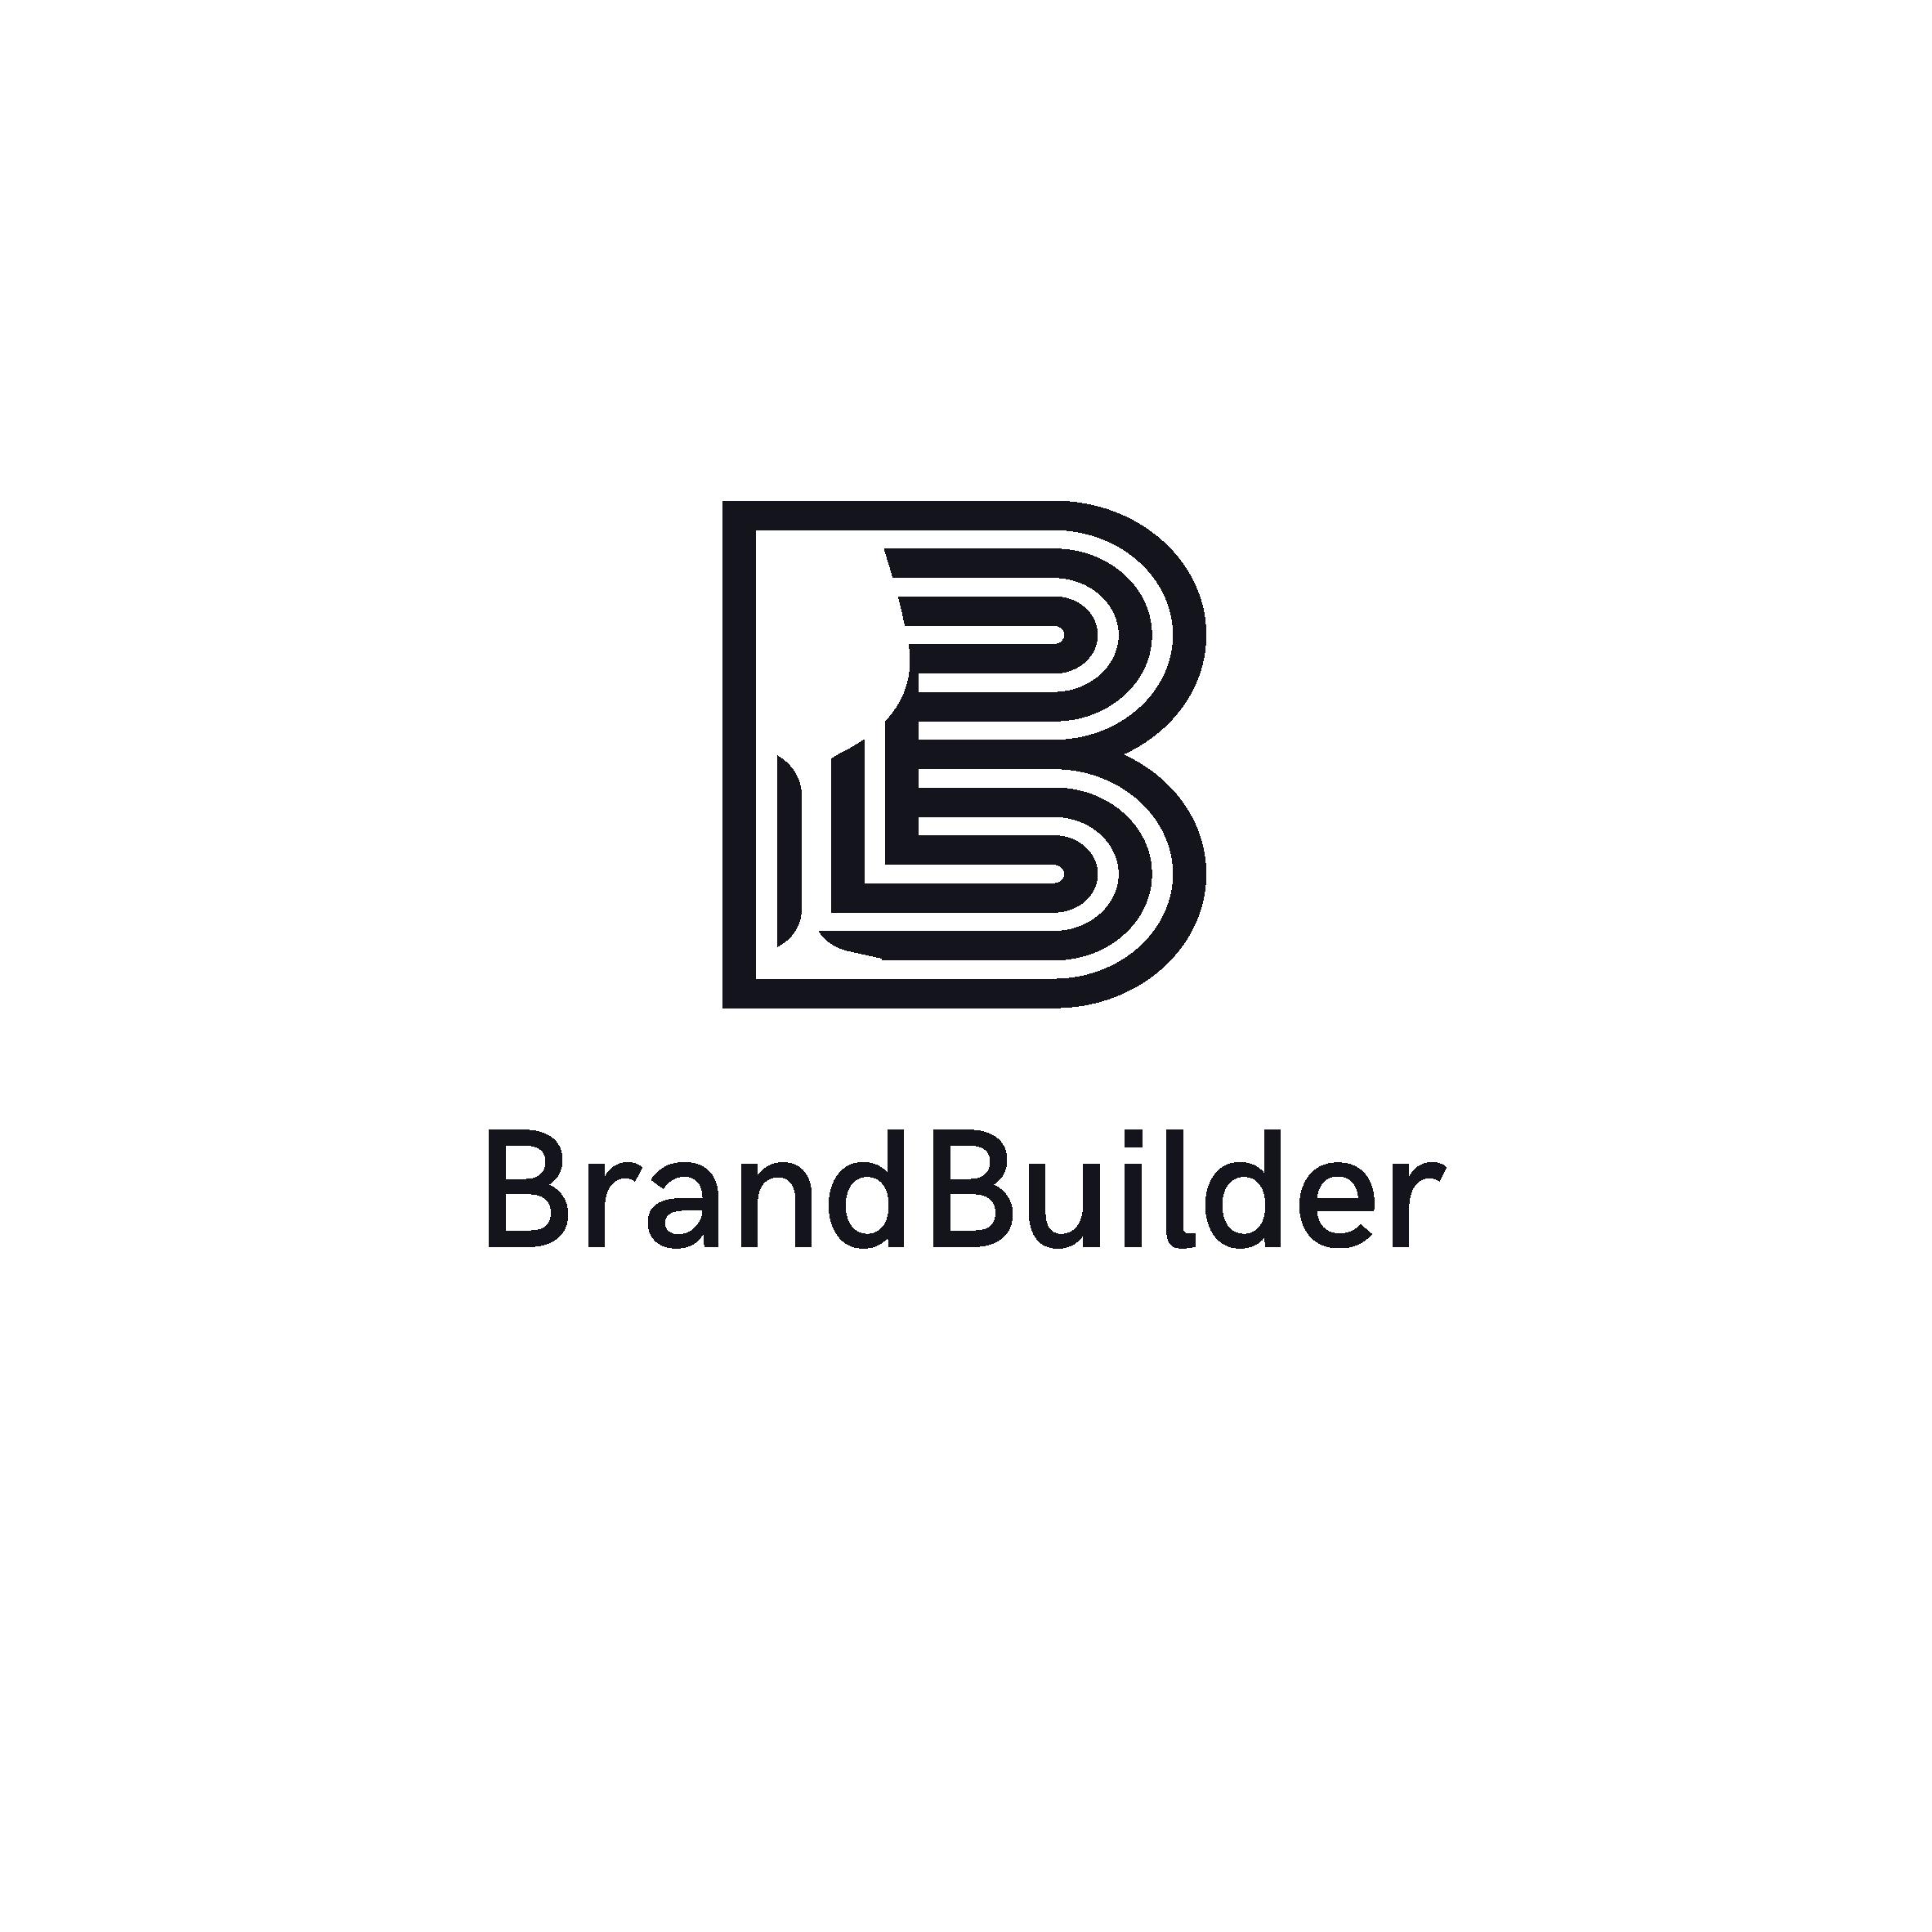 BrandBuilder